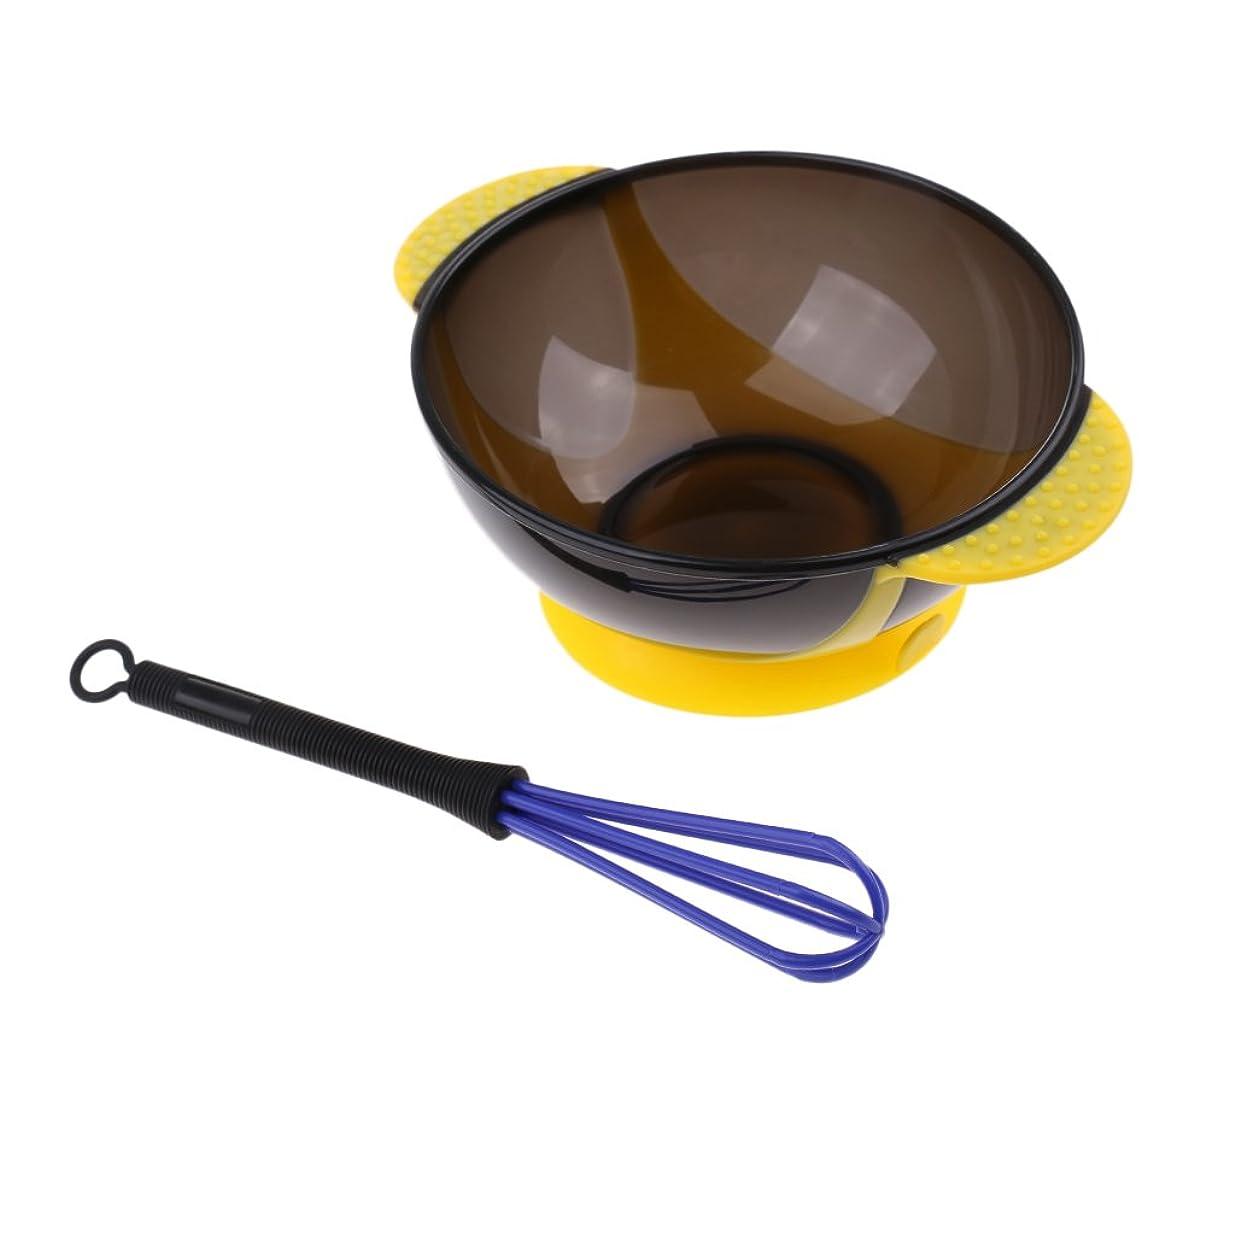 財布製作スキムヘアカラー ボウル ミキサー サロン ミルク アンチスリップボウルミキサー スターラーセット 美容 着色ツール